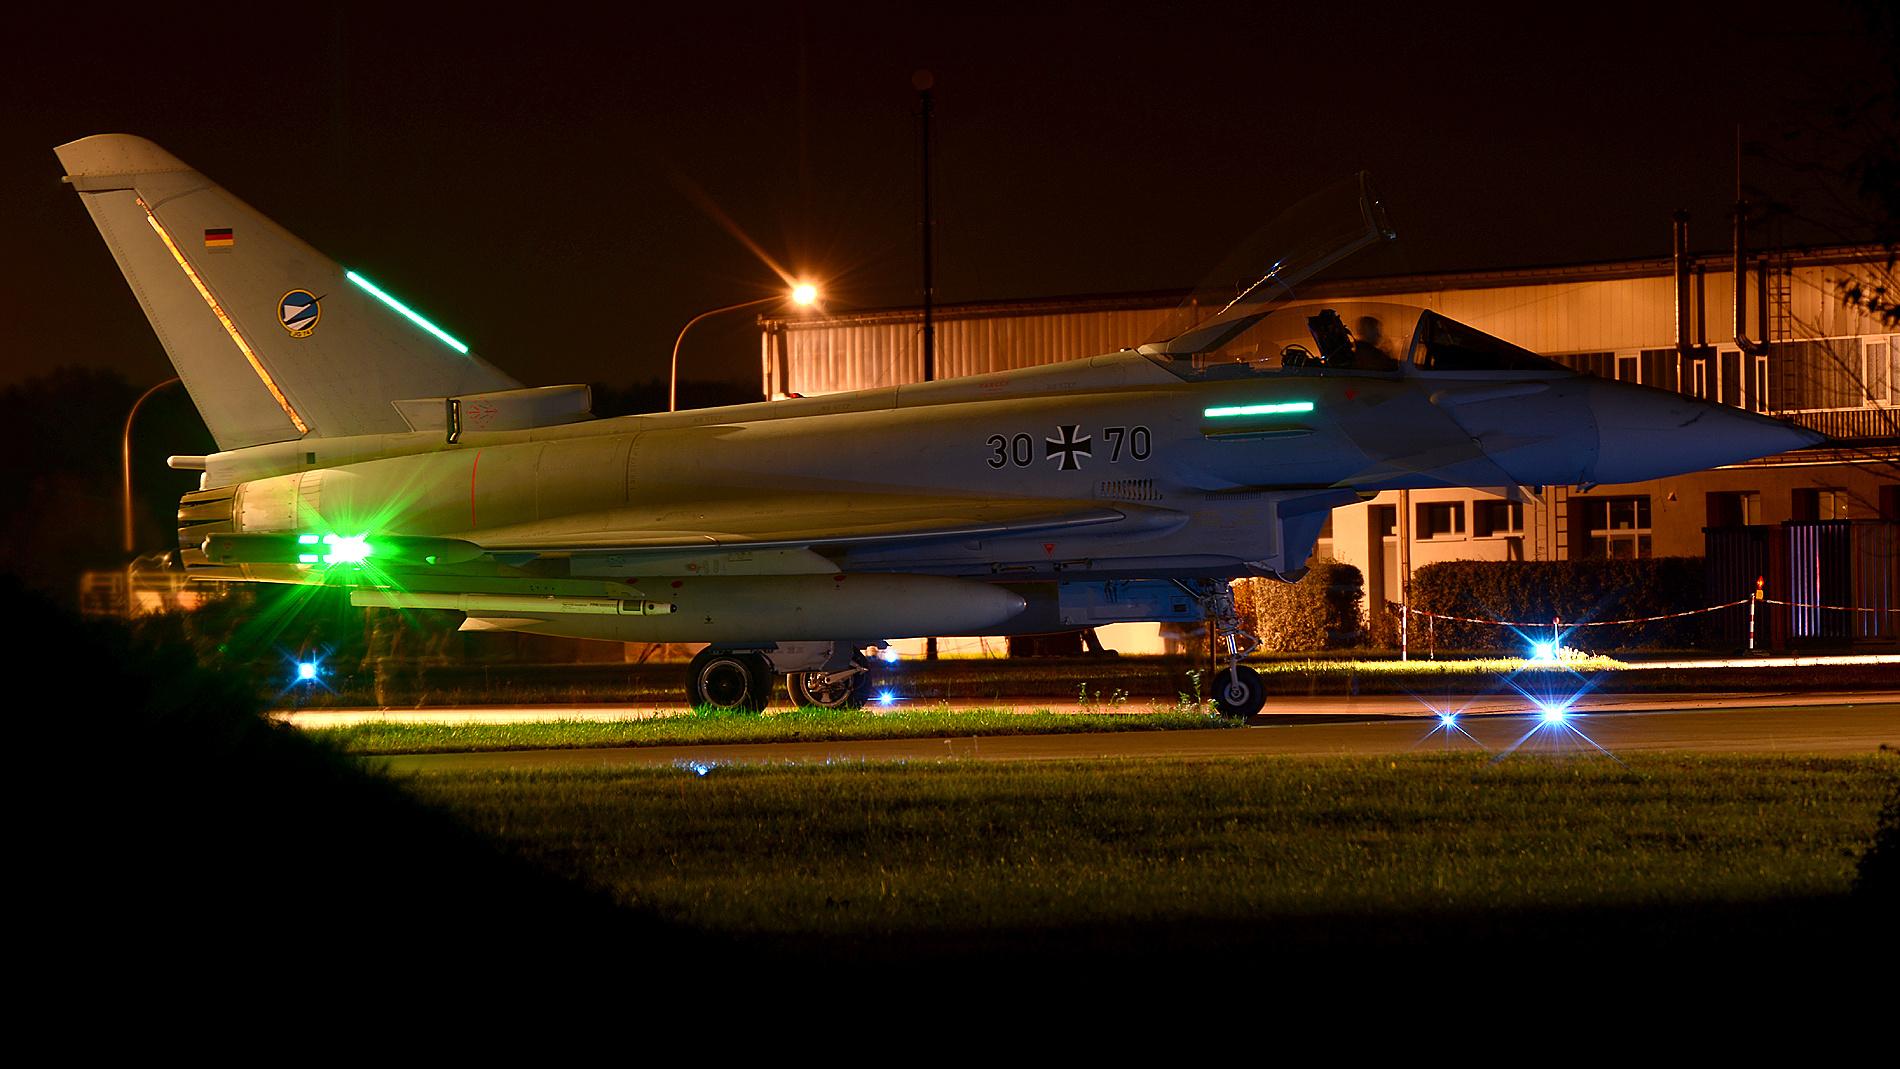 EF2000 bei Nacht 30+70